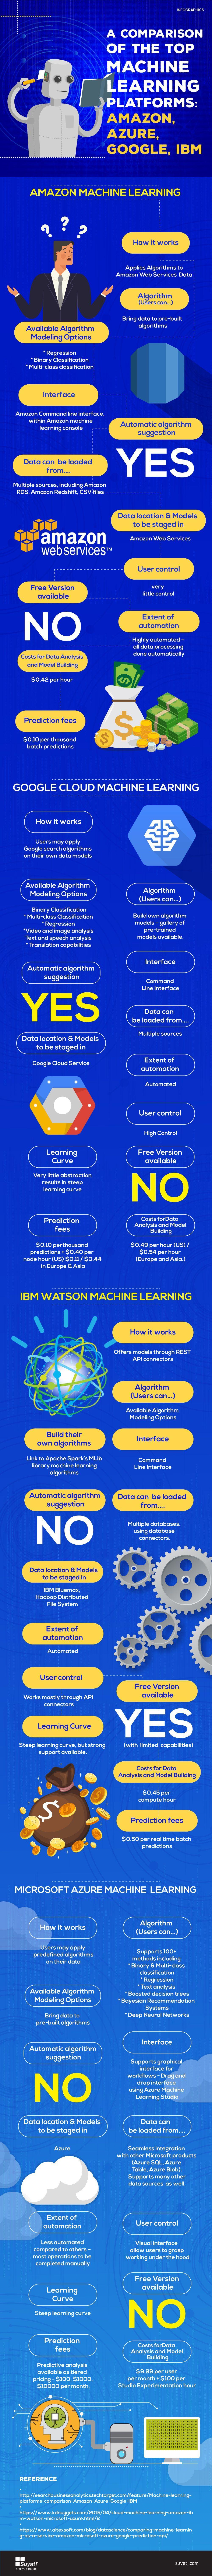 IR machine learning platforms